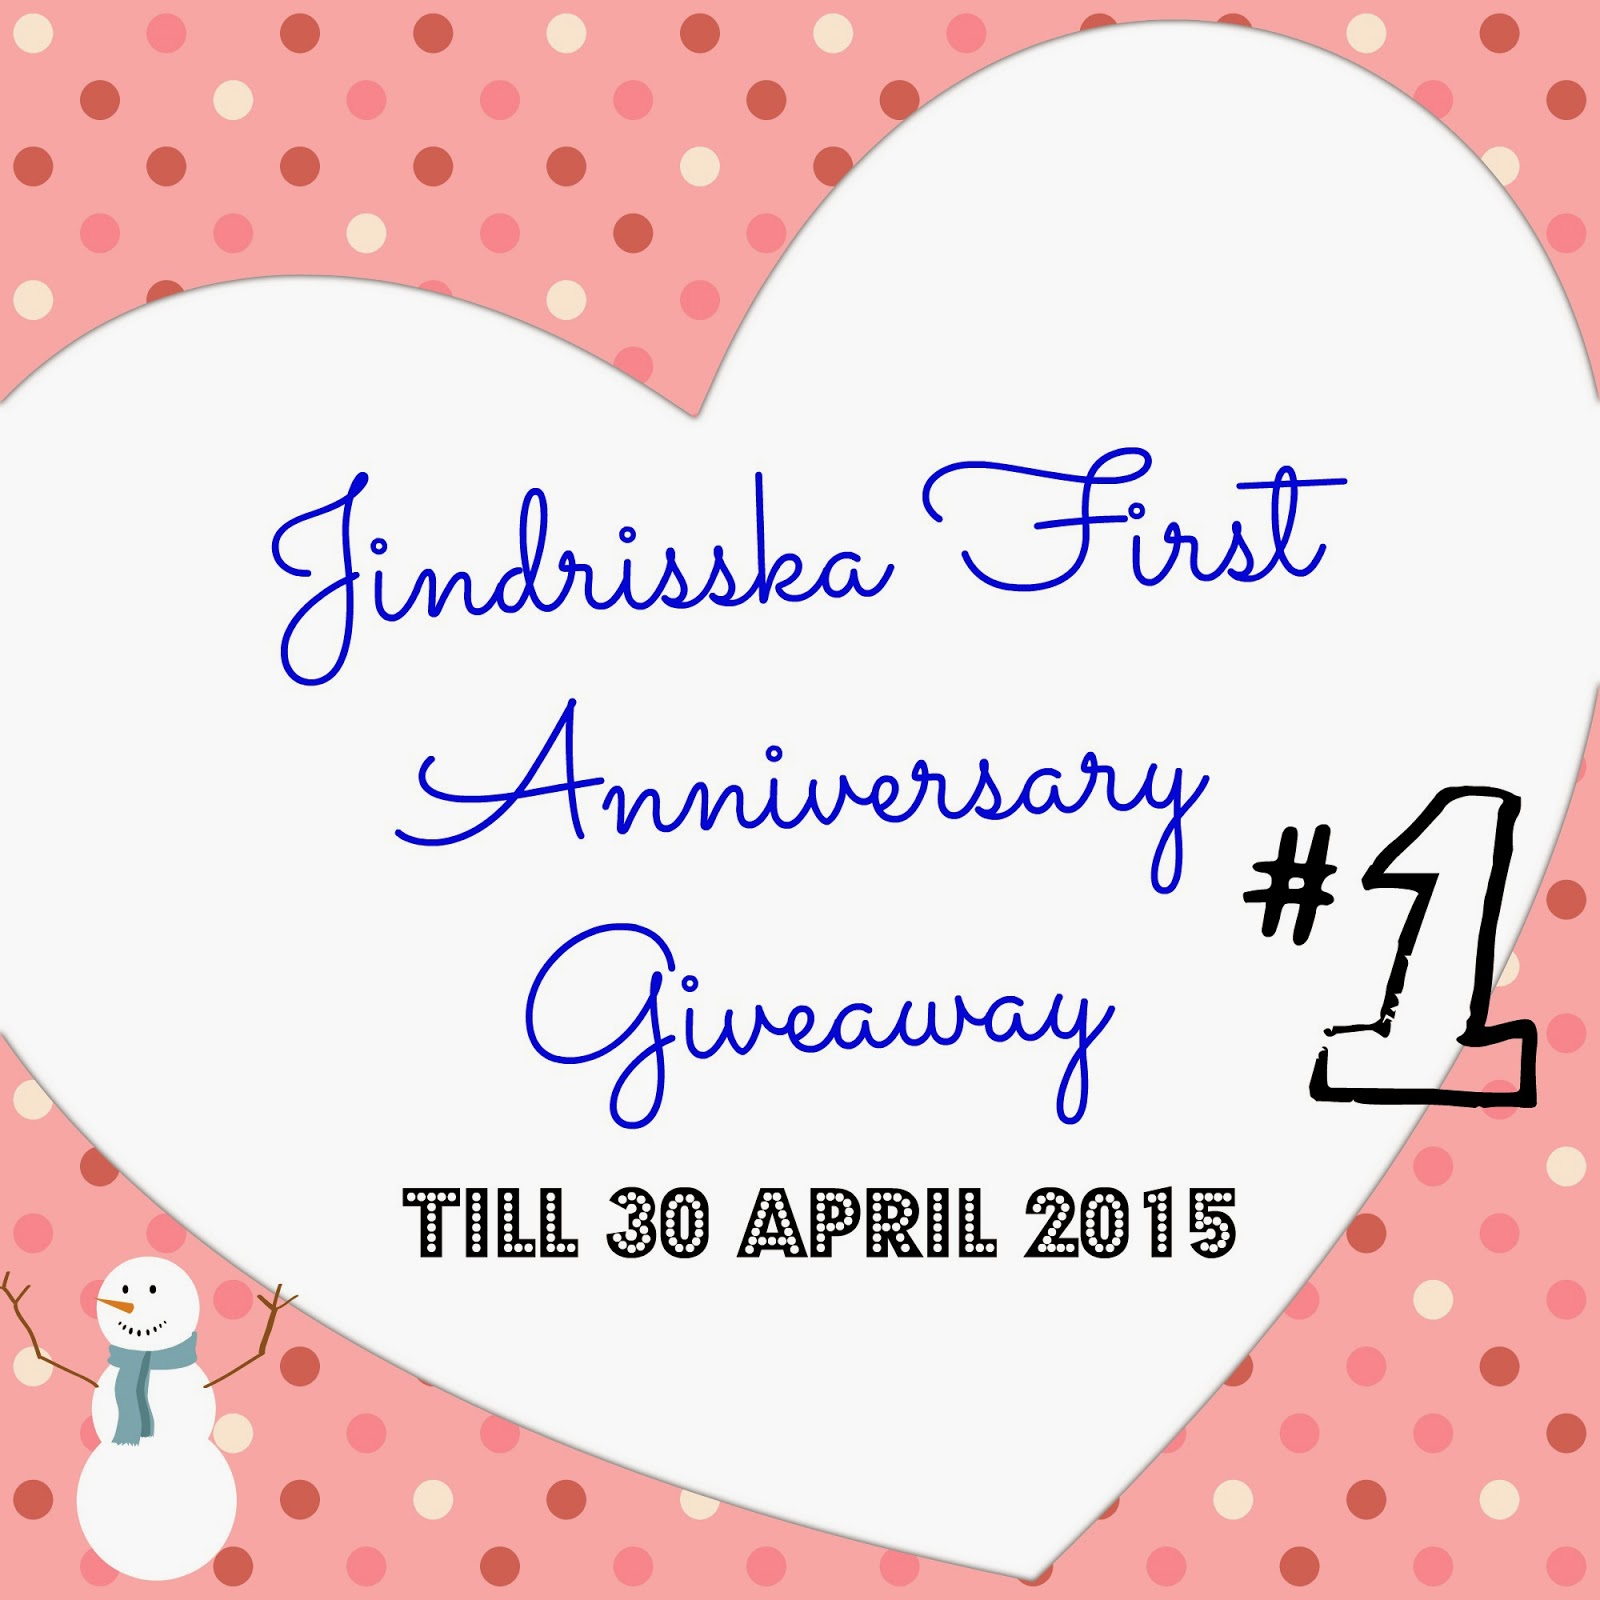 http://jindrisska.blogspot.com/2015/04/jindrisska-blog-anniversary-giveaway.html#comment-form